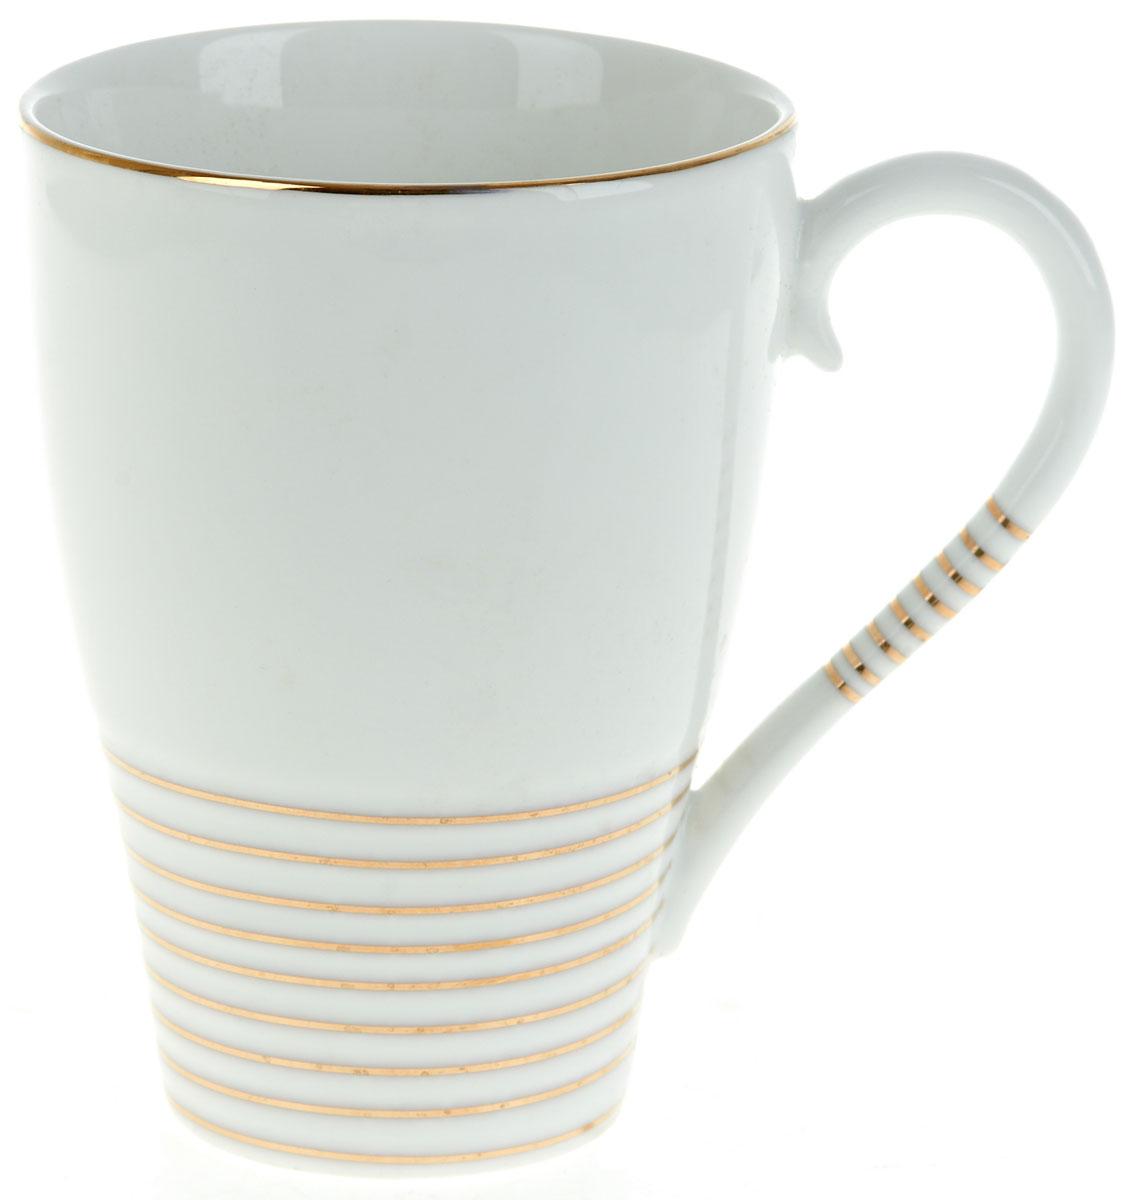 Кружка BHP Грация, 430 млM1490111Оригинальная кружка Best Home Porcelain, выполненная из высококачественного фарфора, сочетает в себе простой, утонченный дизайн с максимальной функциональностью. Оригинальность оформления придутся по вкусу тем, кто ценит индивидуальность. В комплект входит кружка. Можно использовать в ПММ.